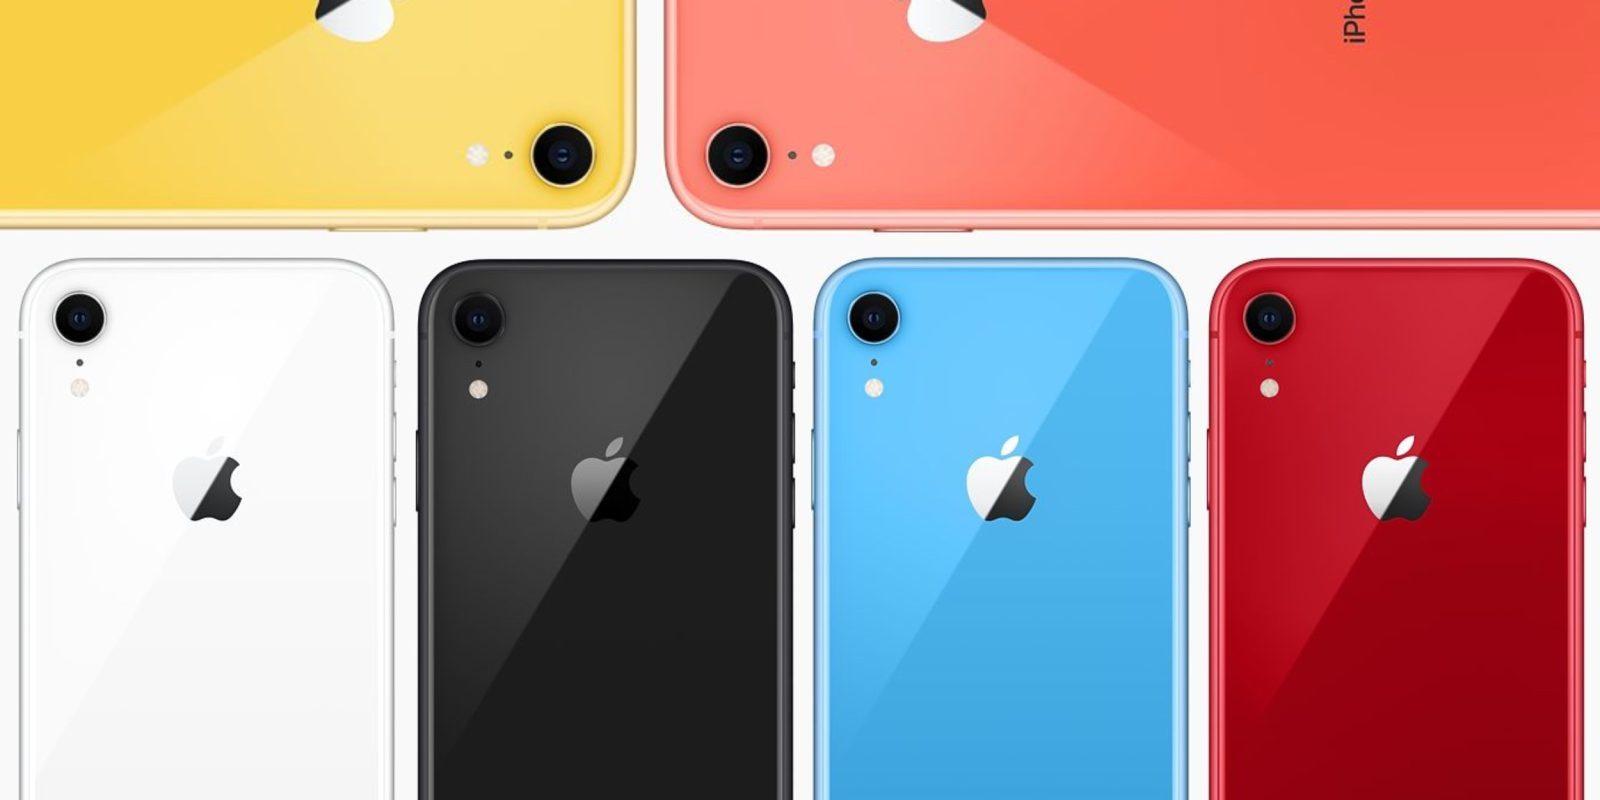 Некогда флагманский iPhone XR с Face ID продается по цене недорогого iPhone SE (2020)